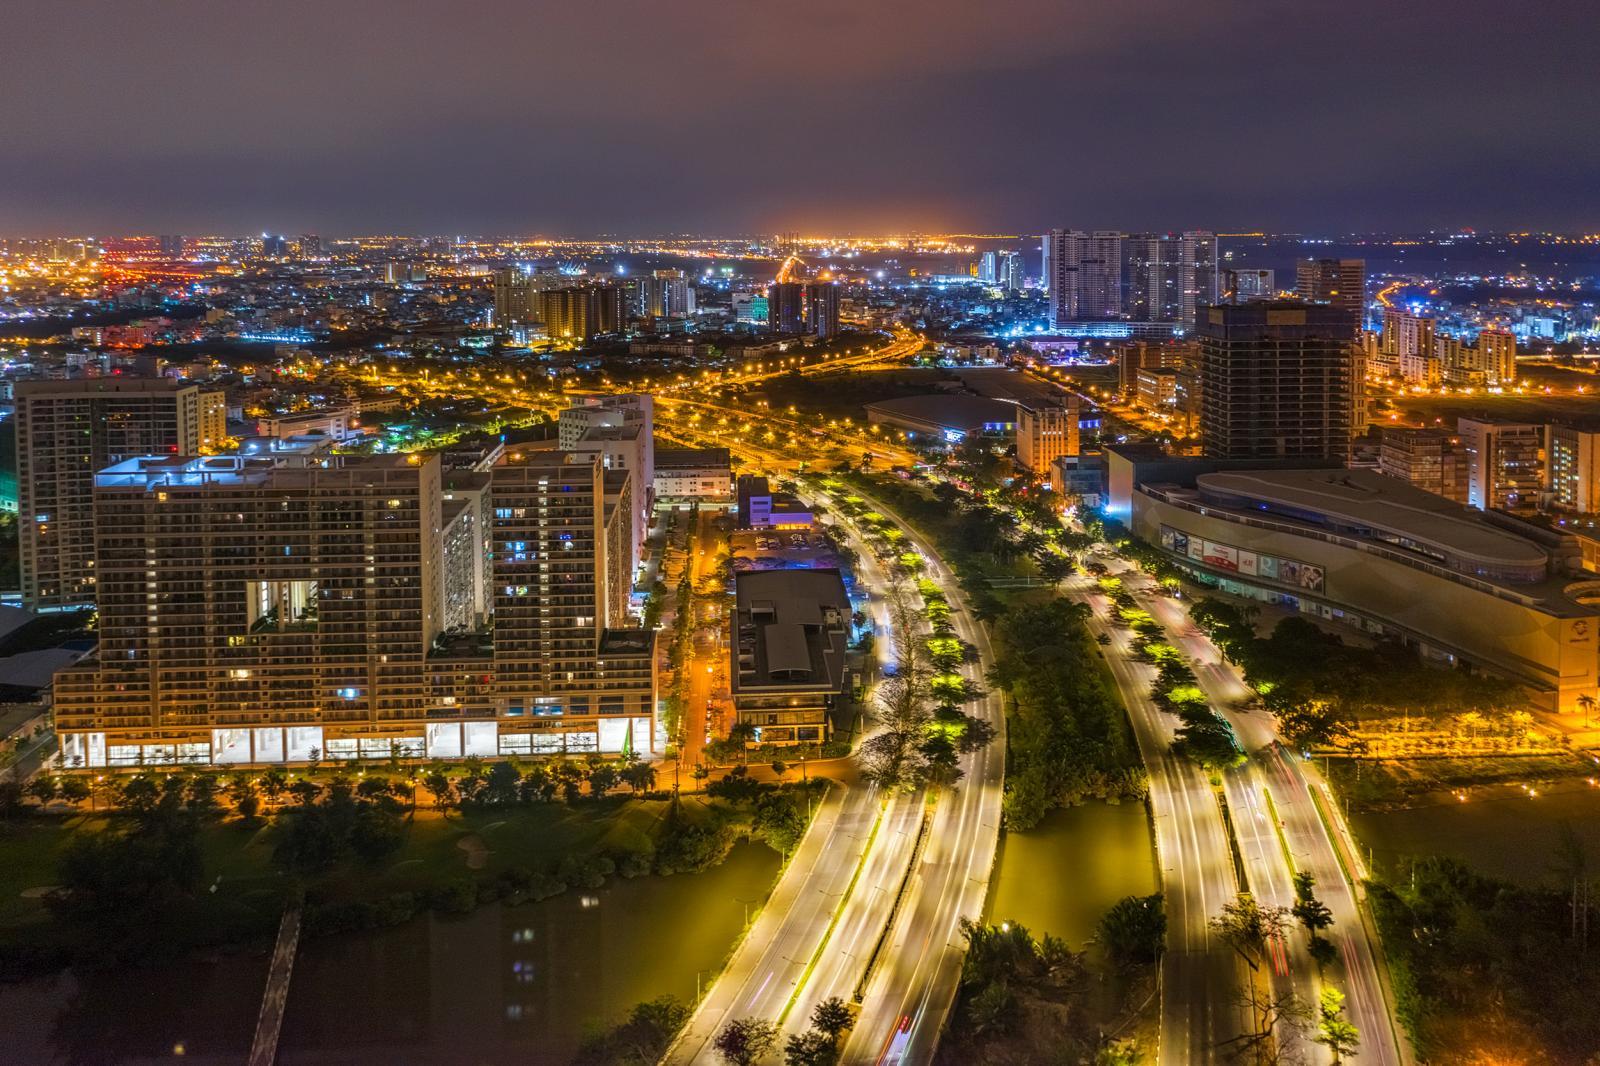 Bất động sản ở các đô thị lớn được dự báo vẫn tăng trưởng nhờ nhiều điều kiện thuận lợi